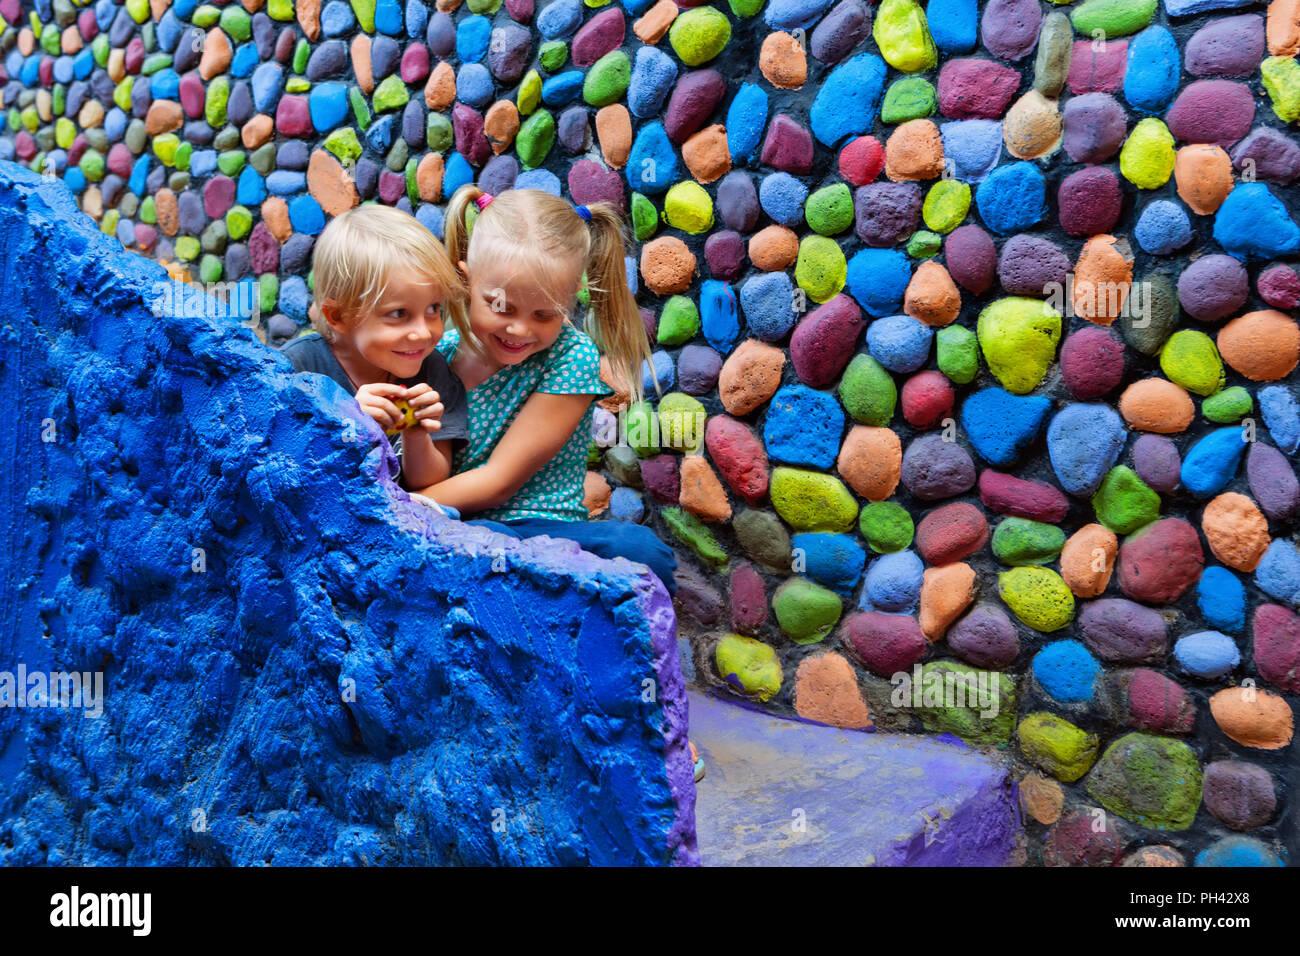 Due felici i bambini divertirsi insieme seduto fuori casa sulla colorata di gradini di pietra. Giocoso abbraccio ragazza ridere fratello più giovane. Lo stile di vita di viaggio, a piedi ci Immagini Stock